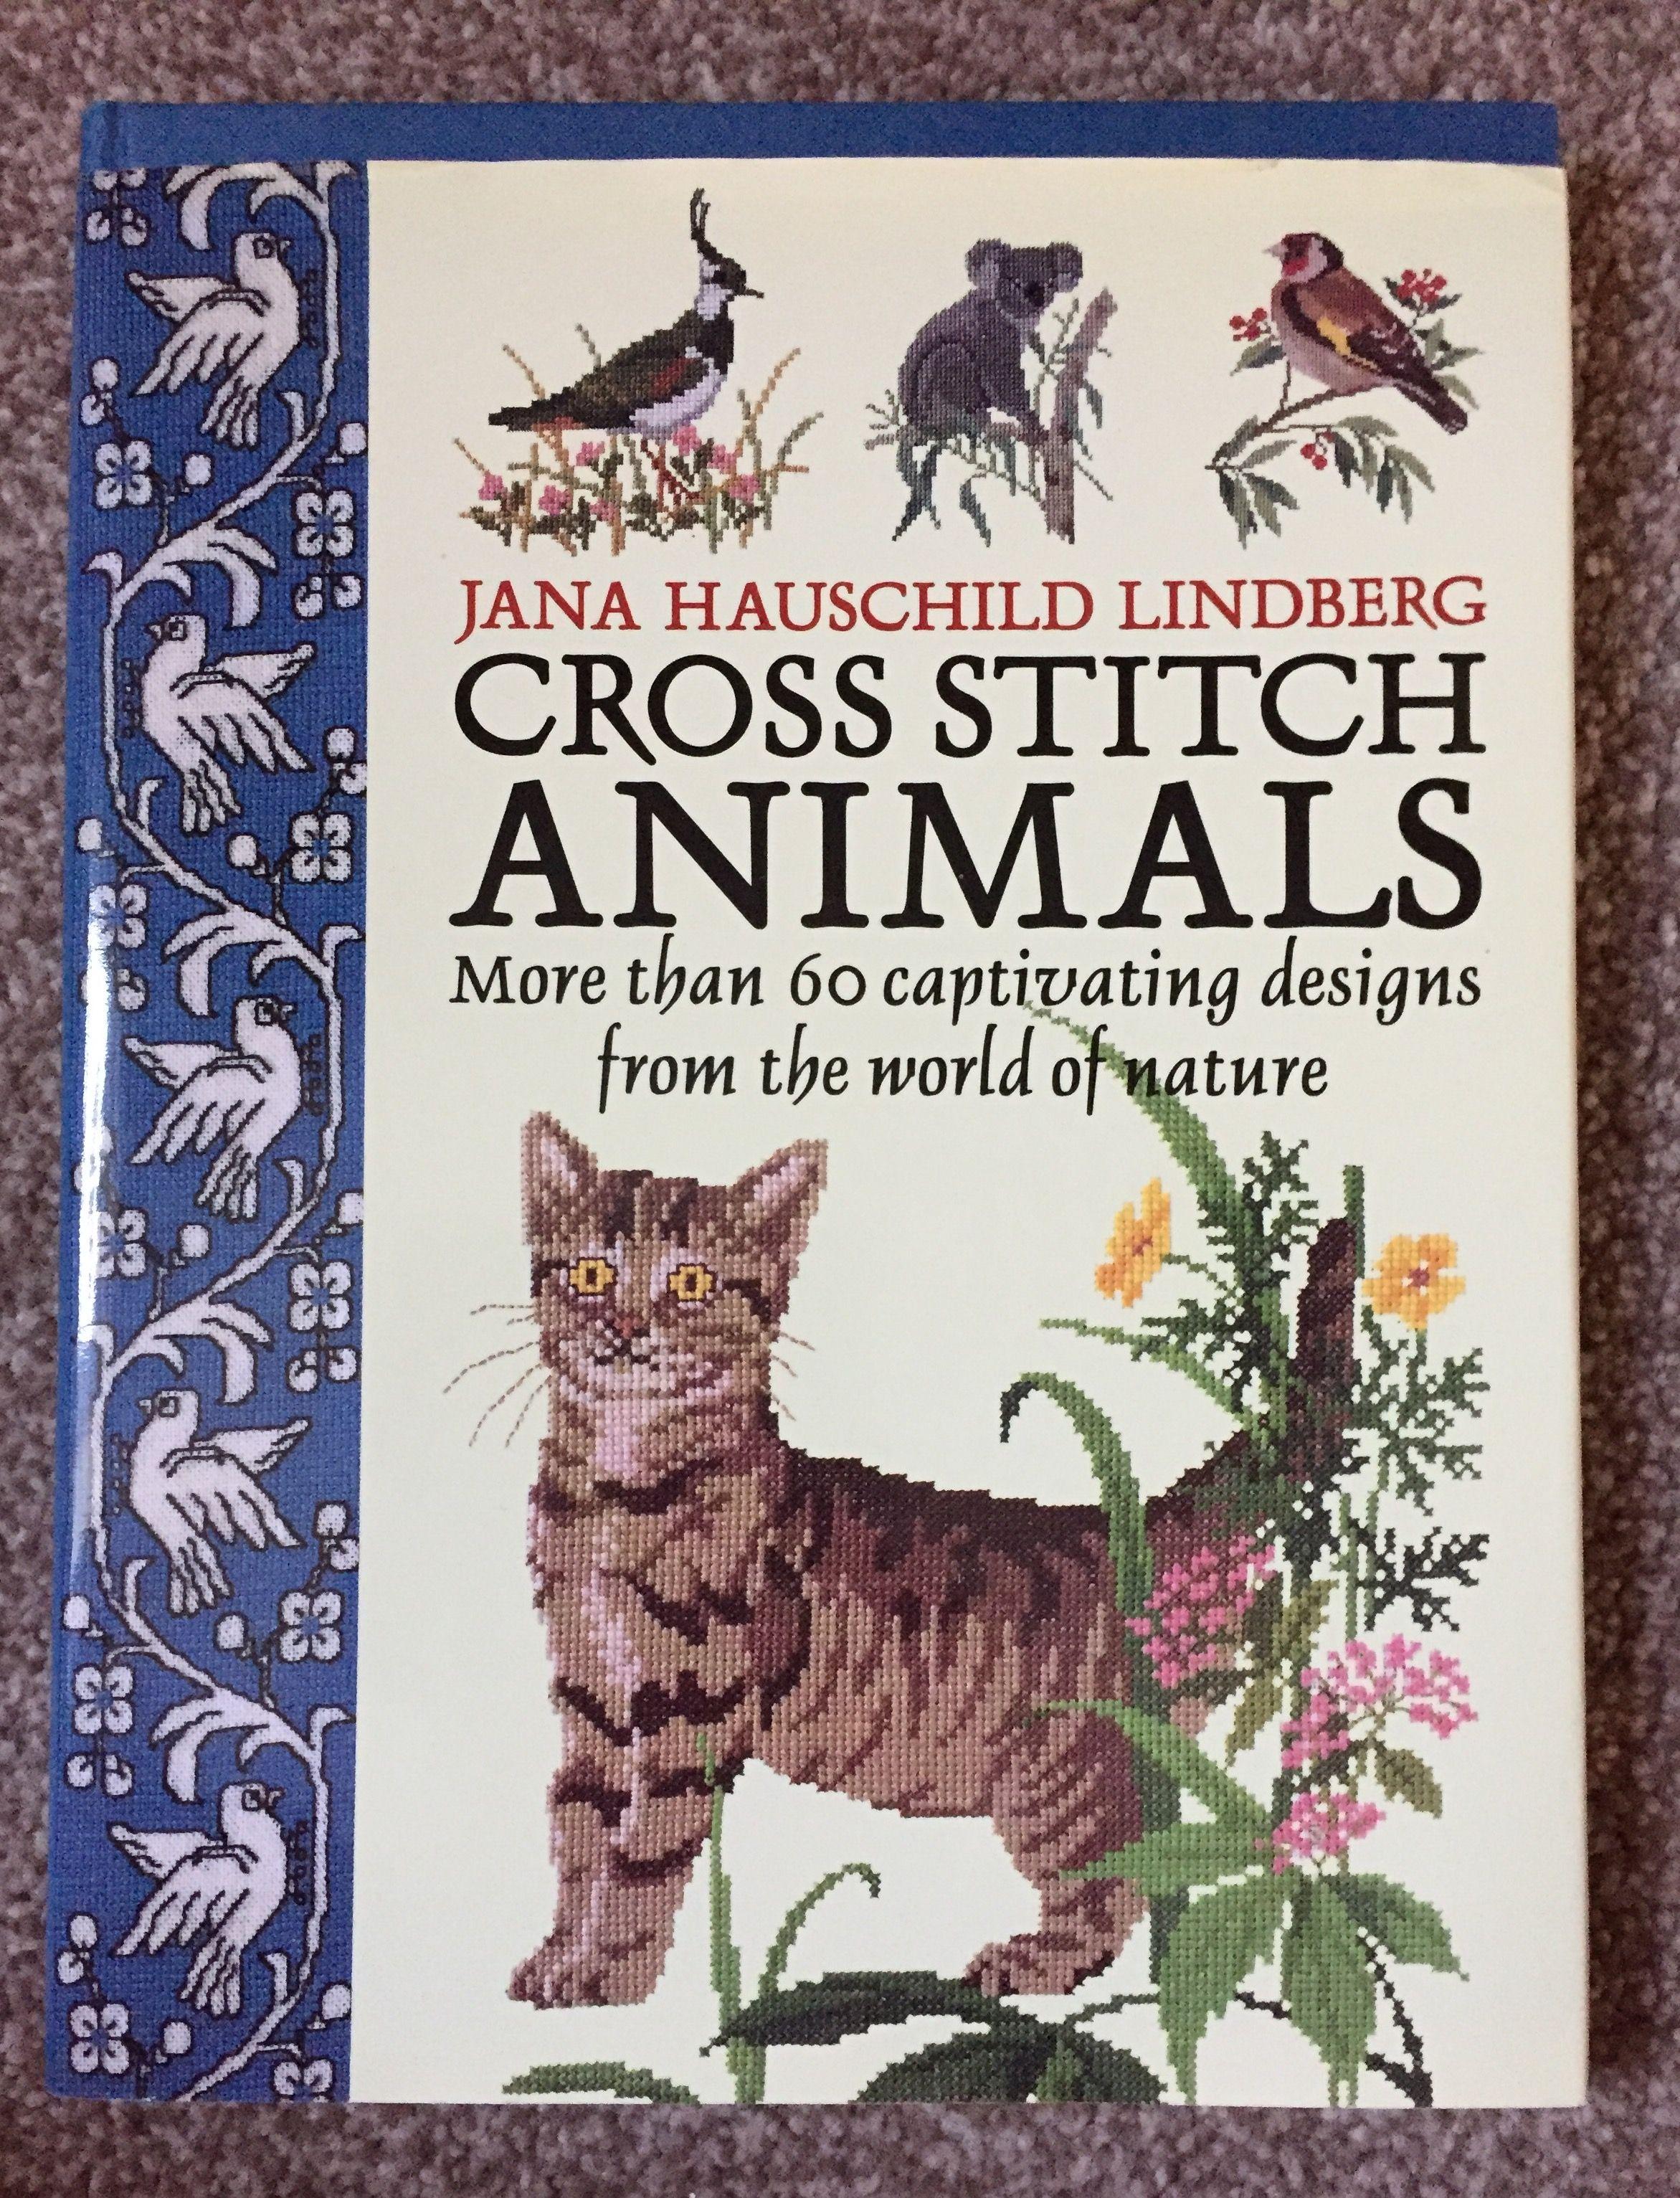 Cross stitch animals by jana hauschild lindberg cross stitch cross stitch animals by jana hauschild lindberg nvjuhfo Image collections